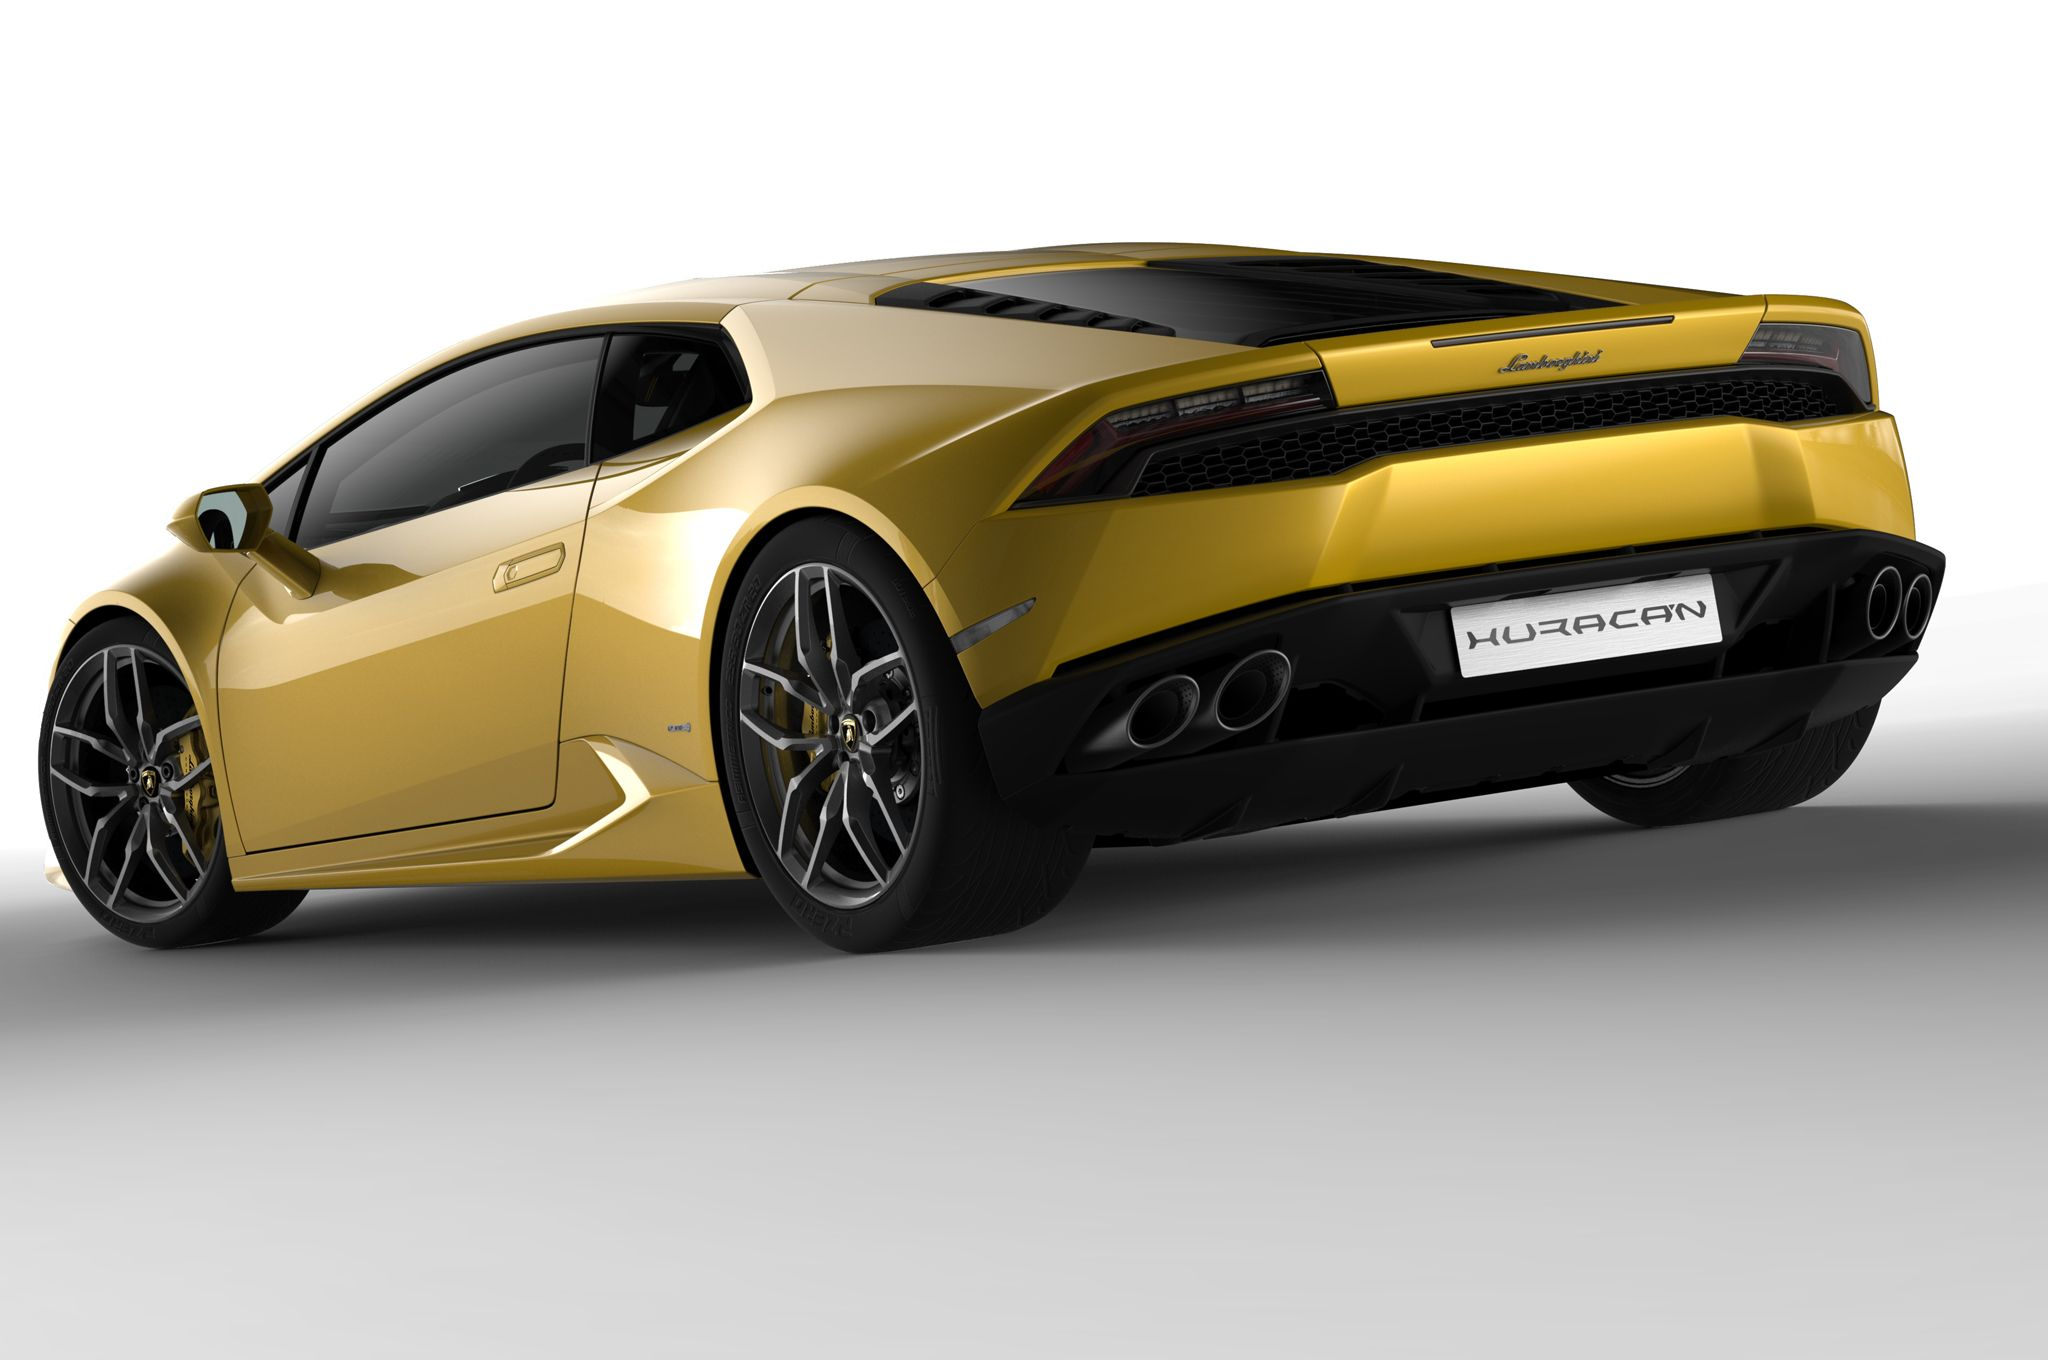 2015-Lamborghini-Huracan-yellow-rear-three-quarters.jpg 2,048×1,360 pixels